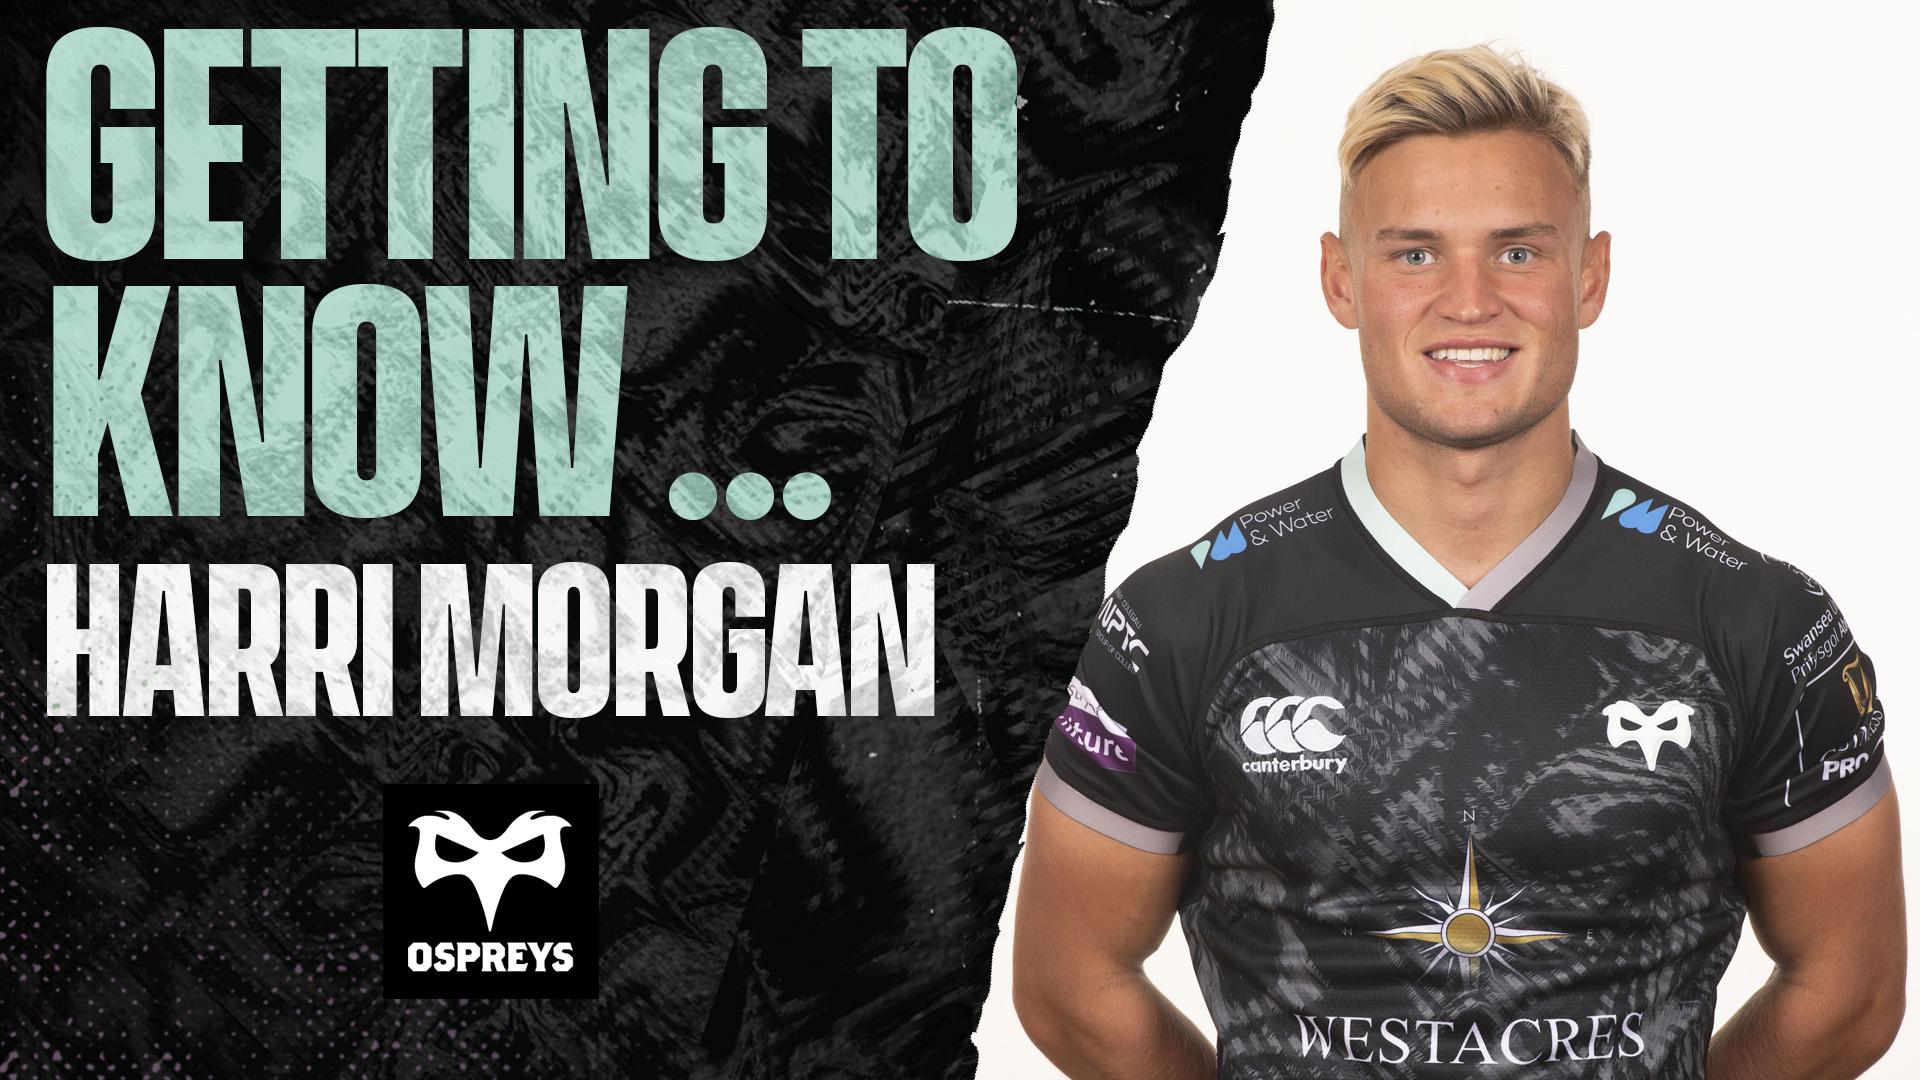 Harri Morgan